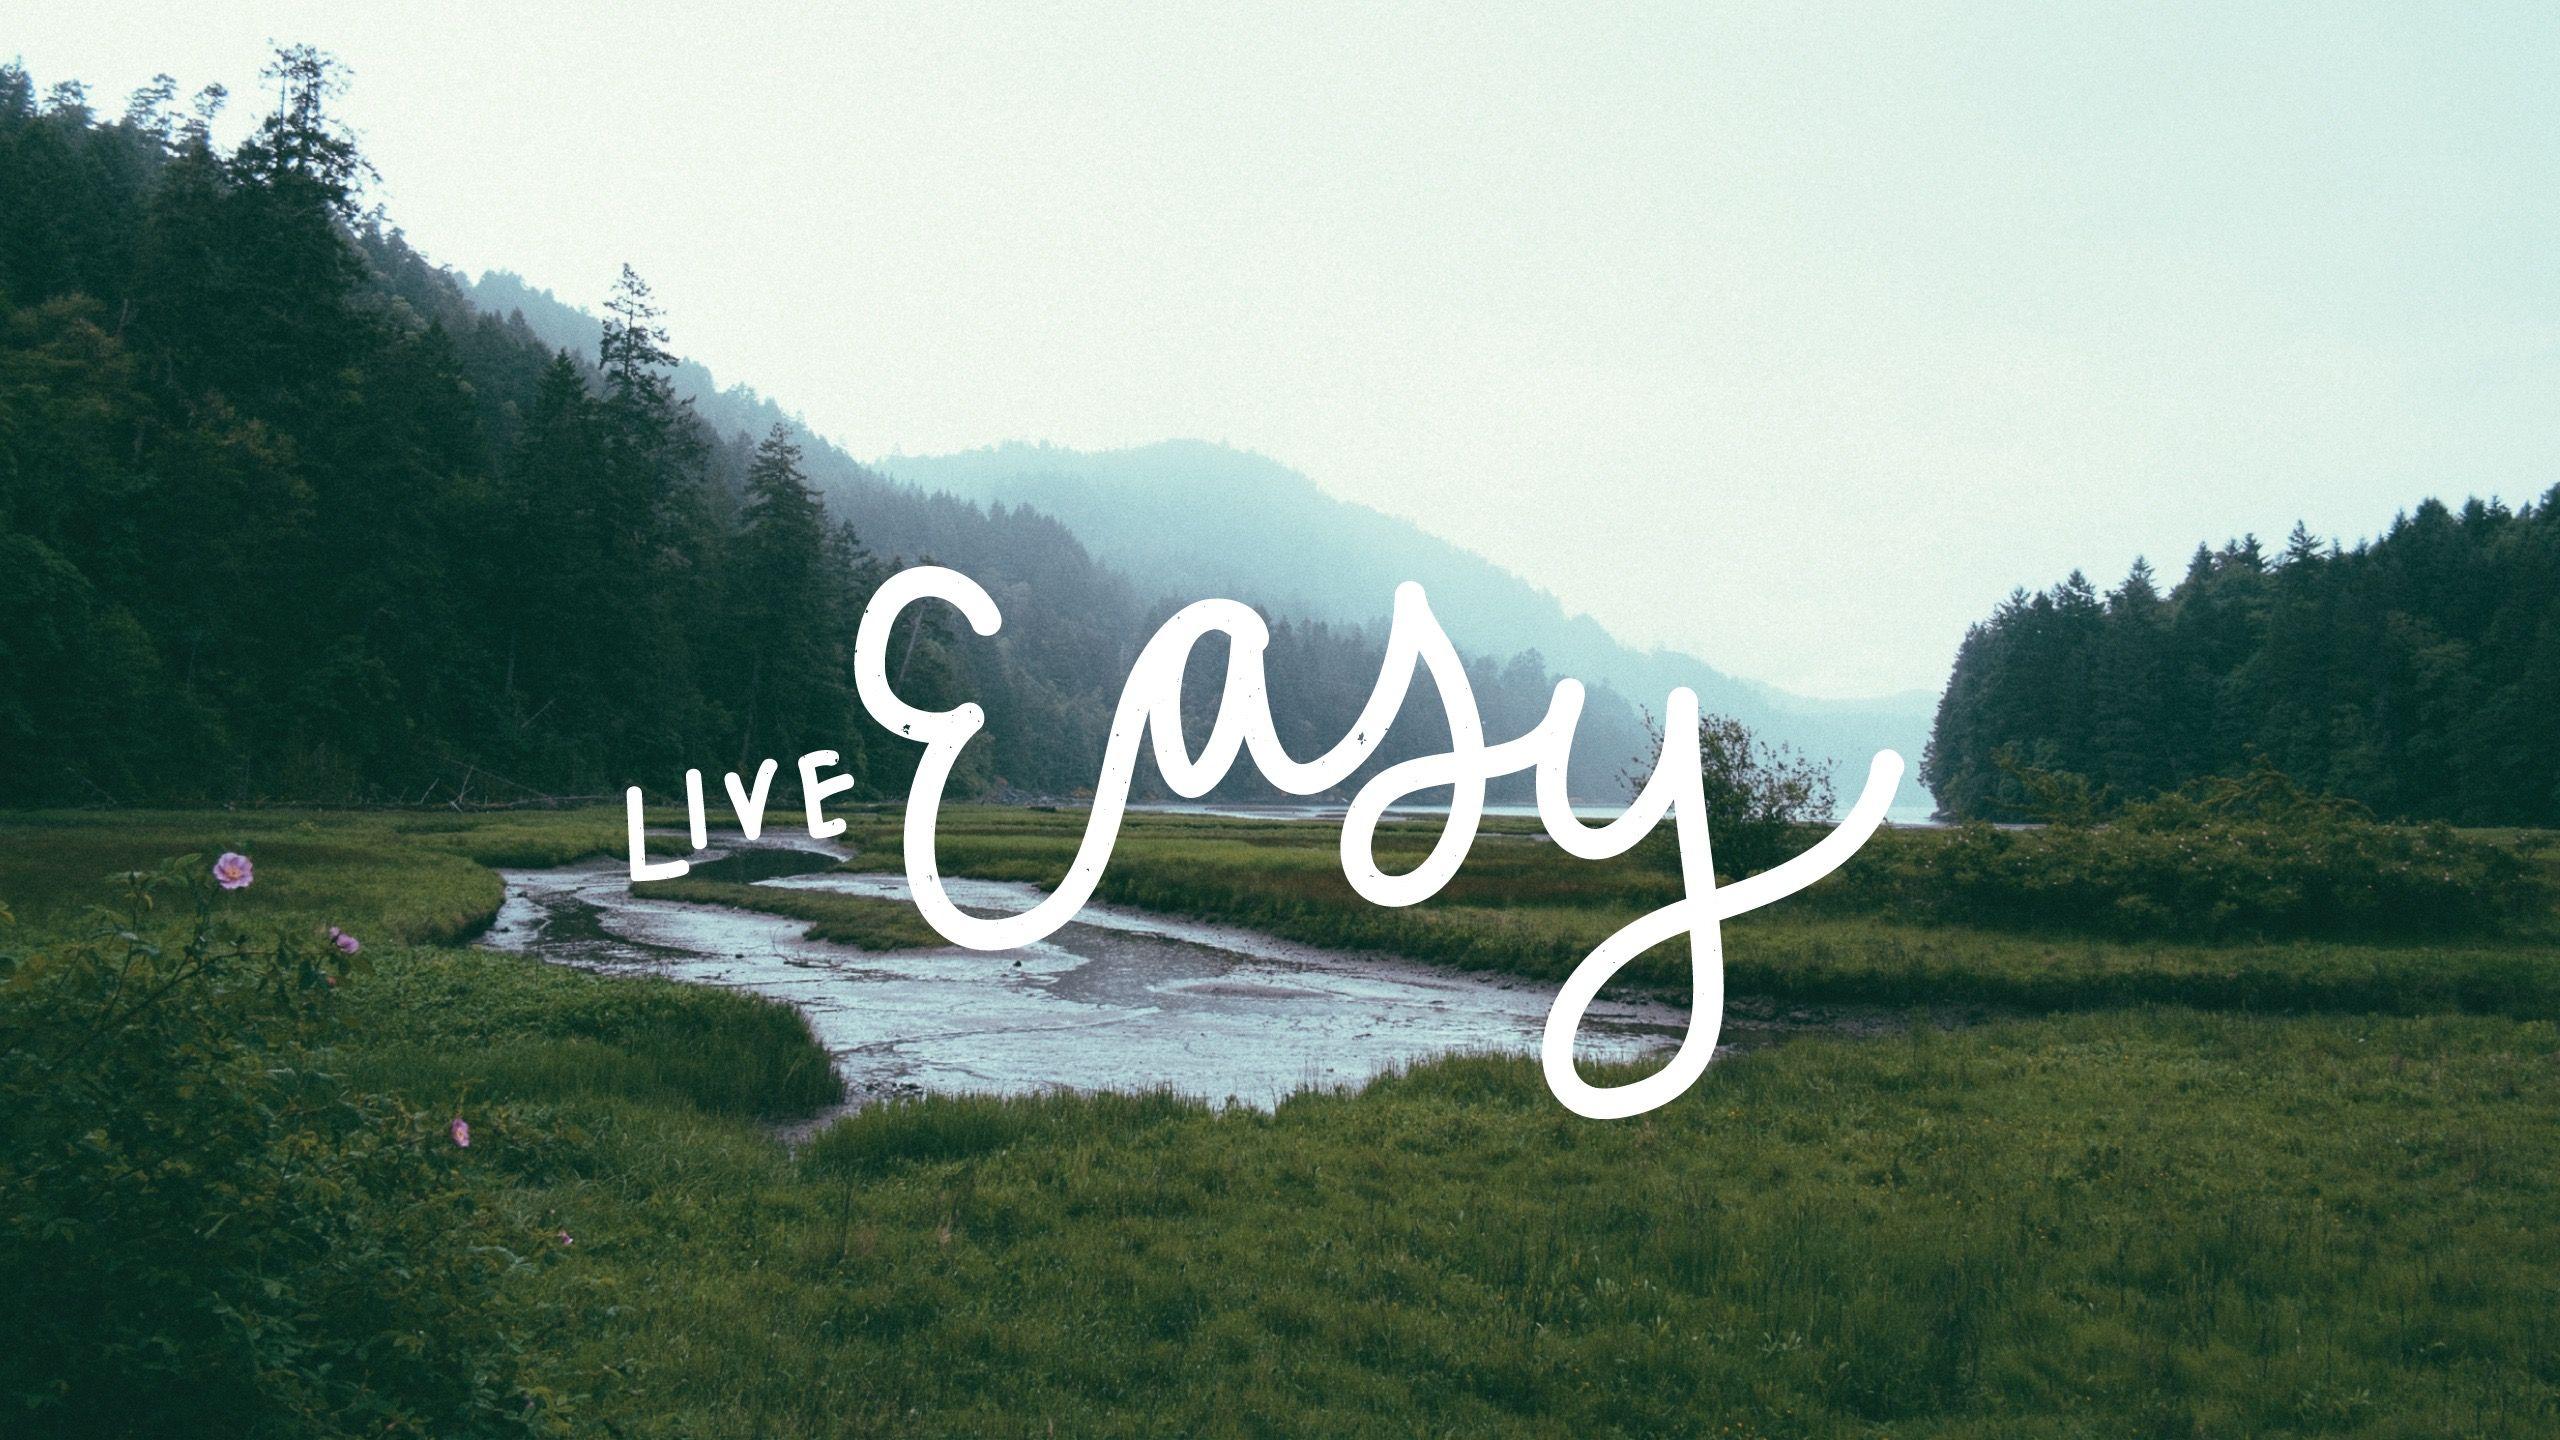 31630757 Live Easy - Live Easy Desktop Background , HD Wallpaper & Backgrounds